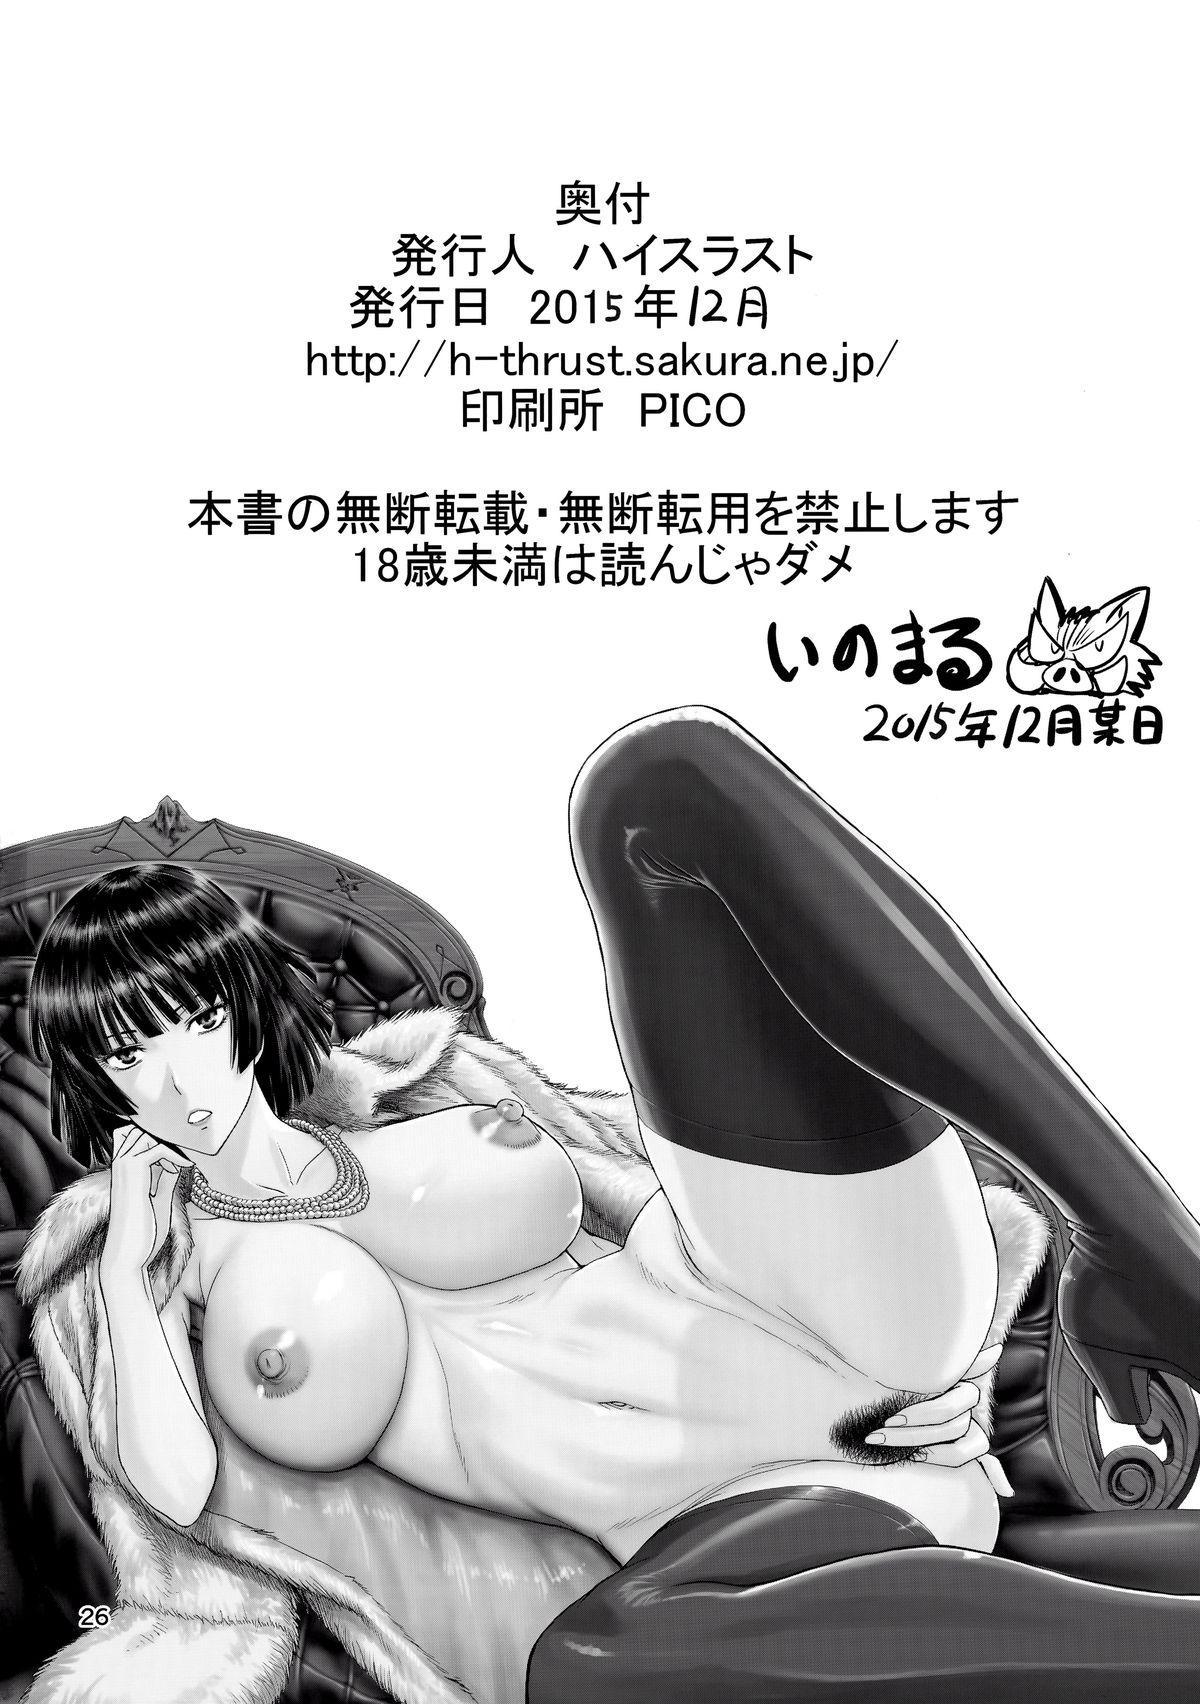 (C89) [High Thrust (Inomaru)] Geneki B-kyuu 1-i Hero Jigoku no Fubuki AV Debut!! (One Punch Man) 25